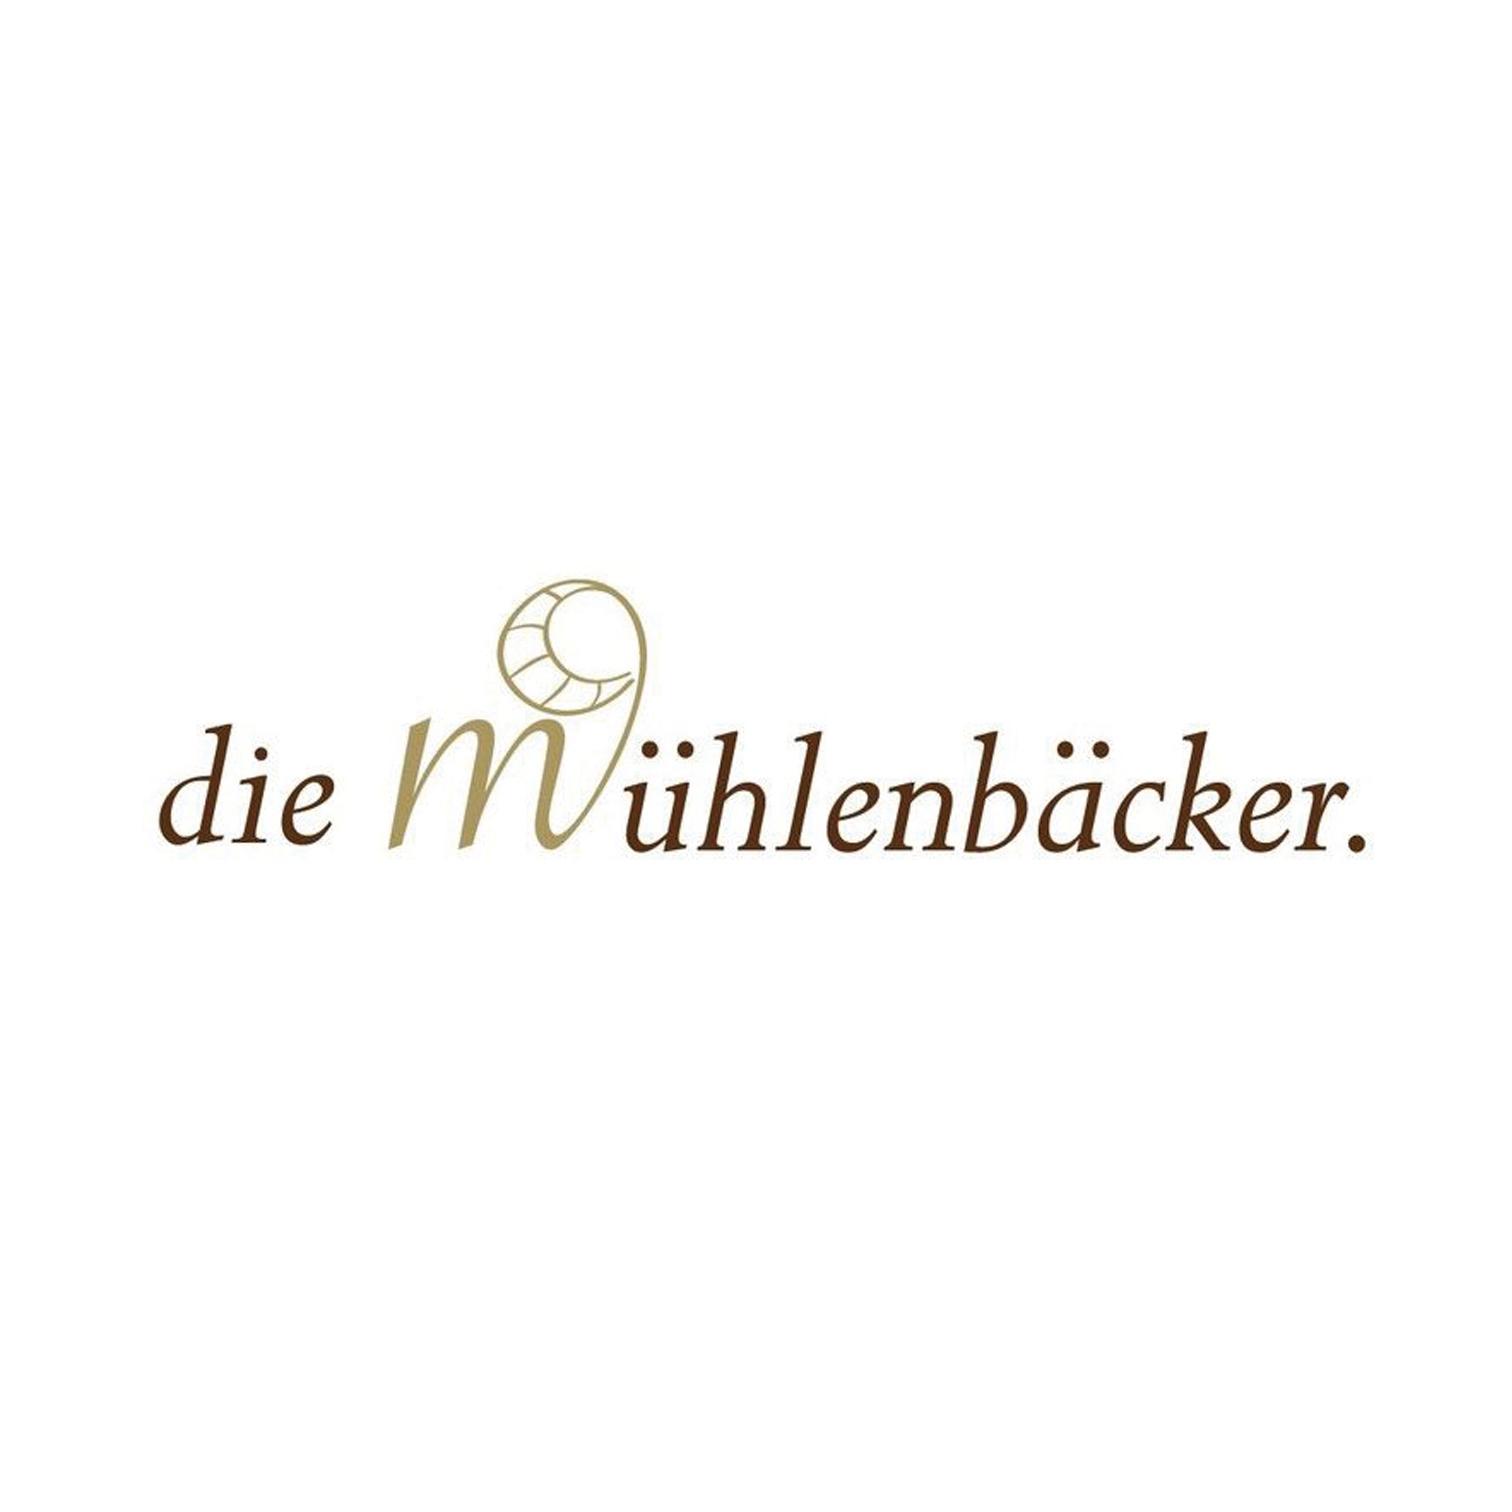 Mühlenbäckerei Rudolf Jung GmbH & Co. KG